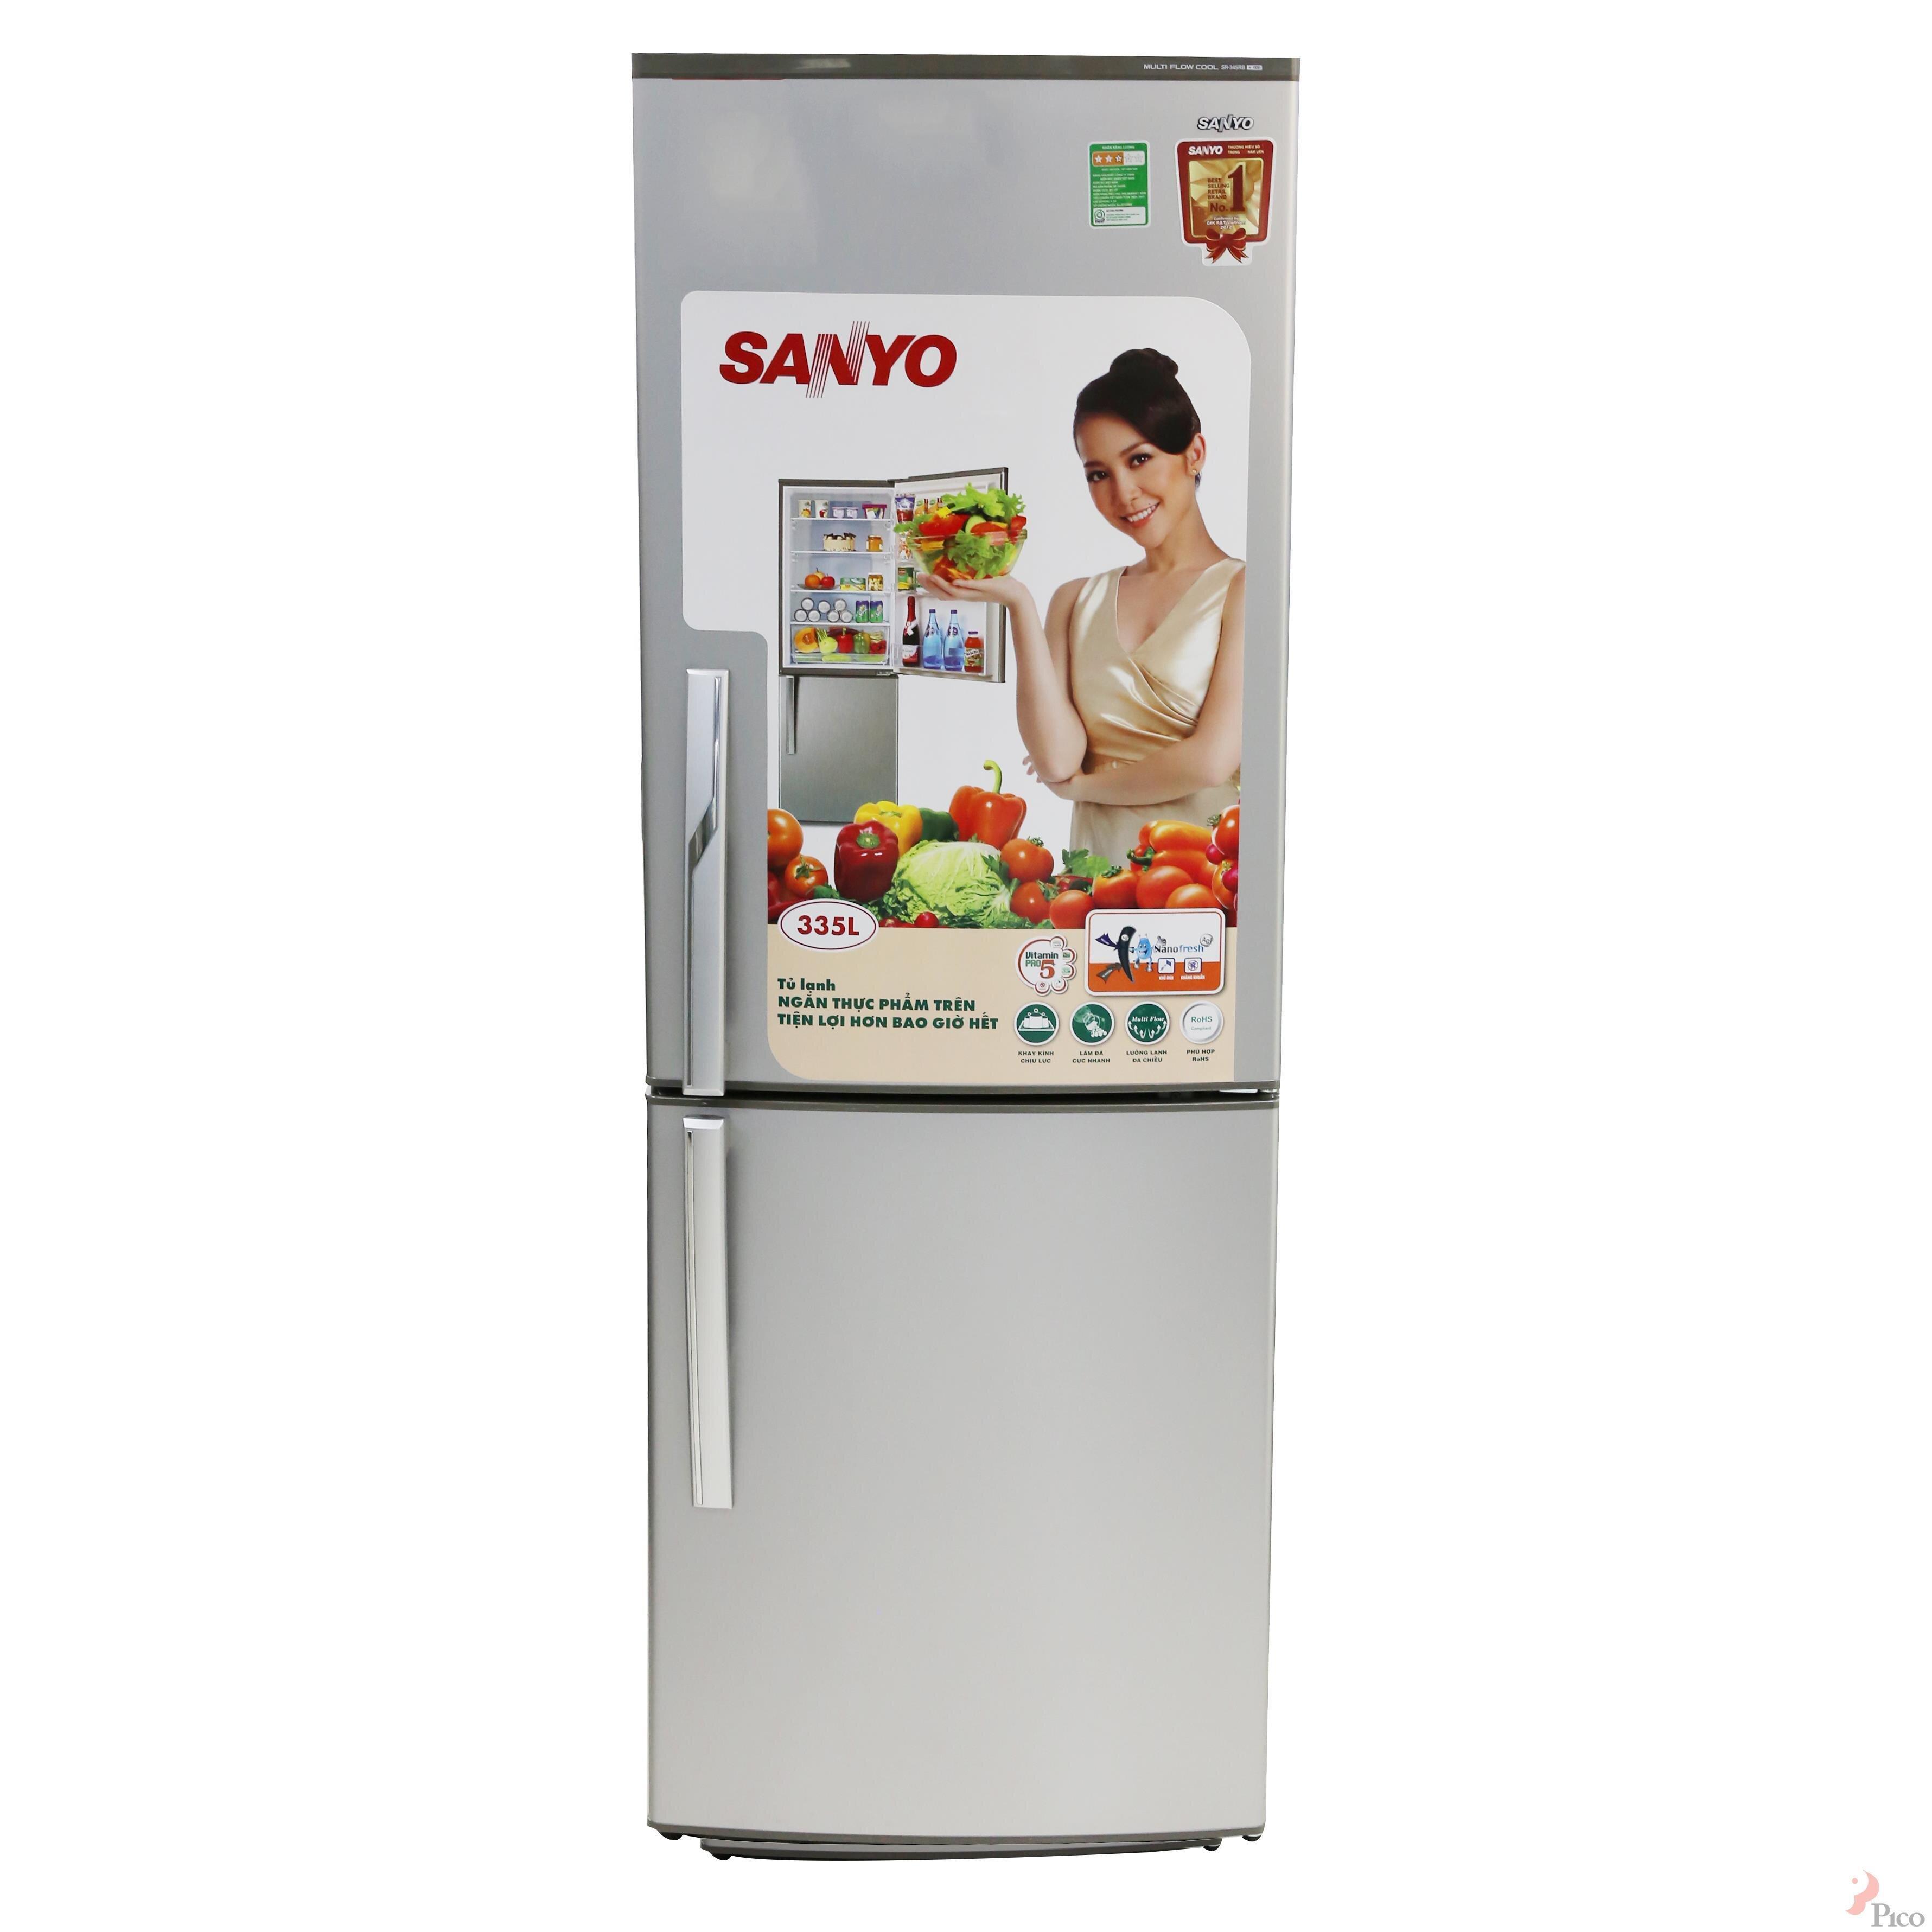 Tủ lạnh Sanyo giá rẻ nhất bao nhiêu tiền? Mua ở đâu giá rẻ